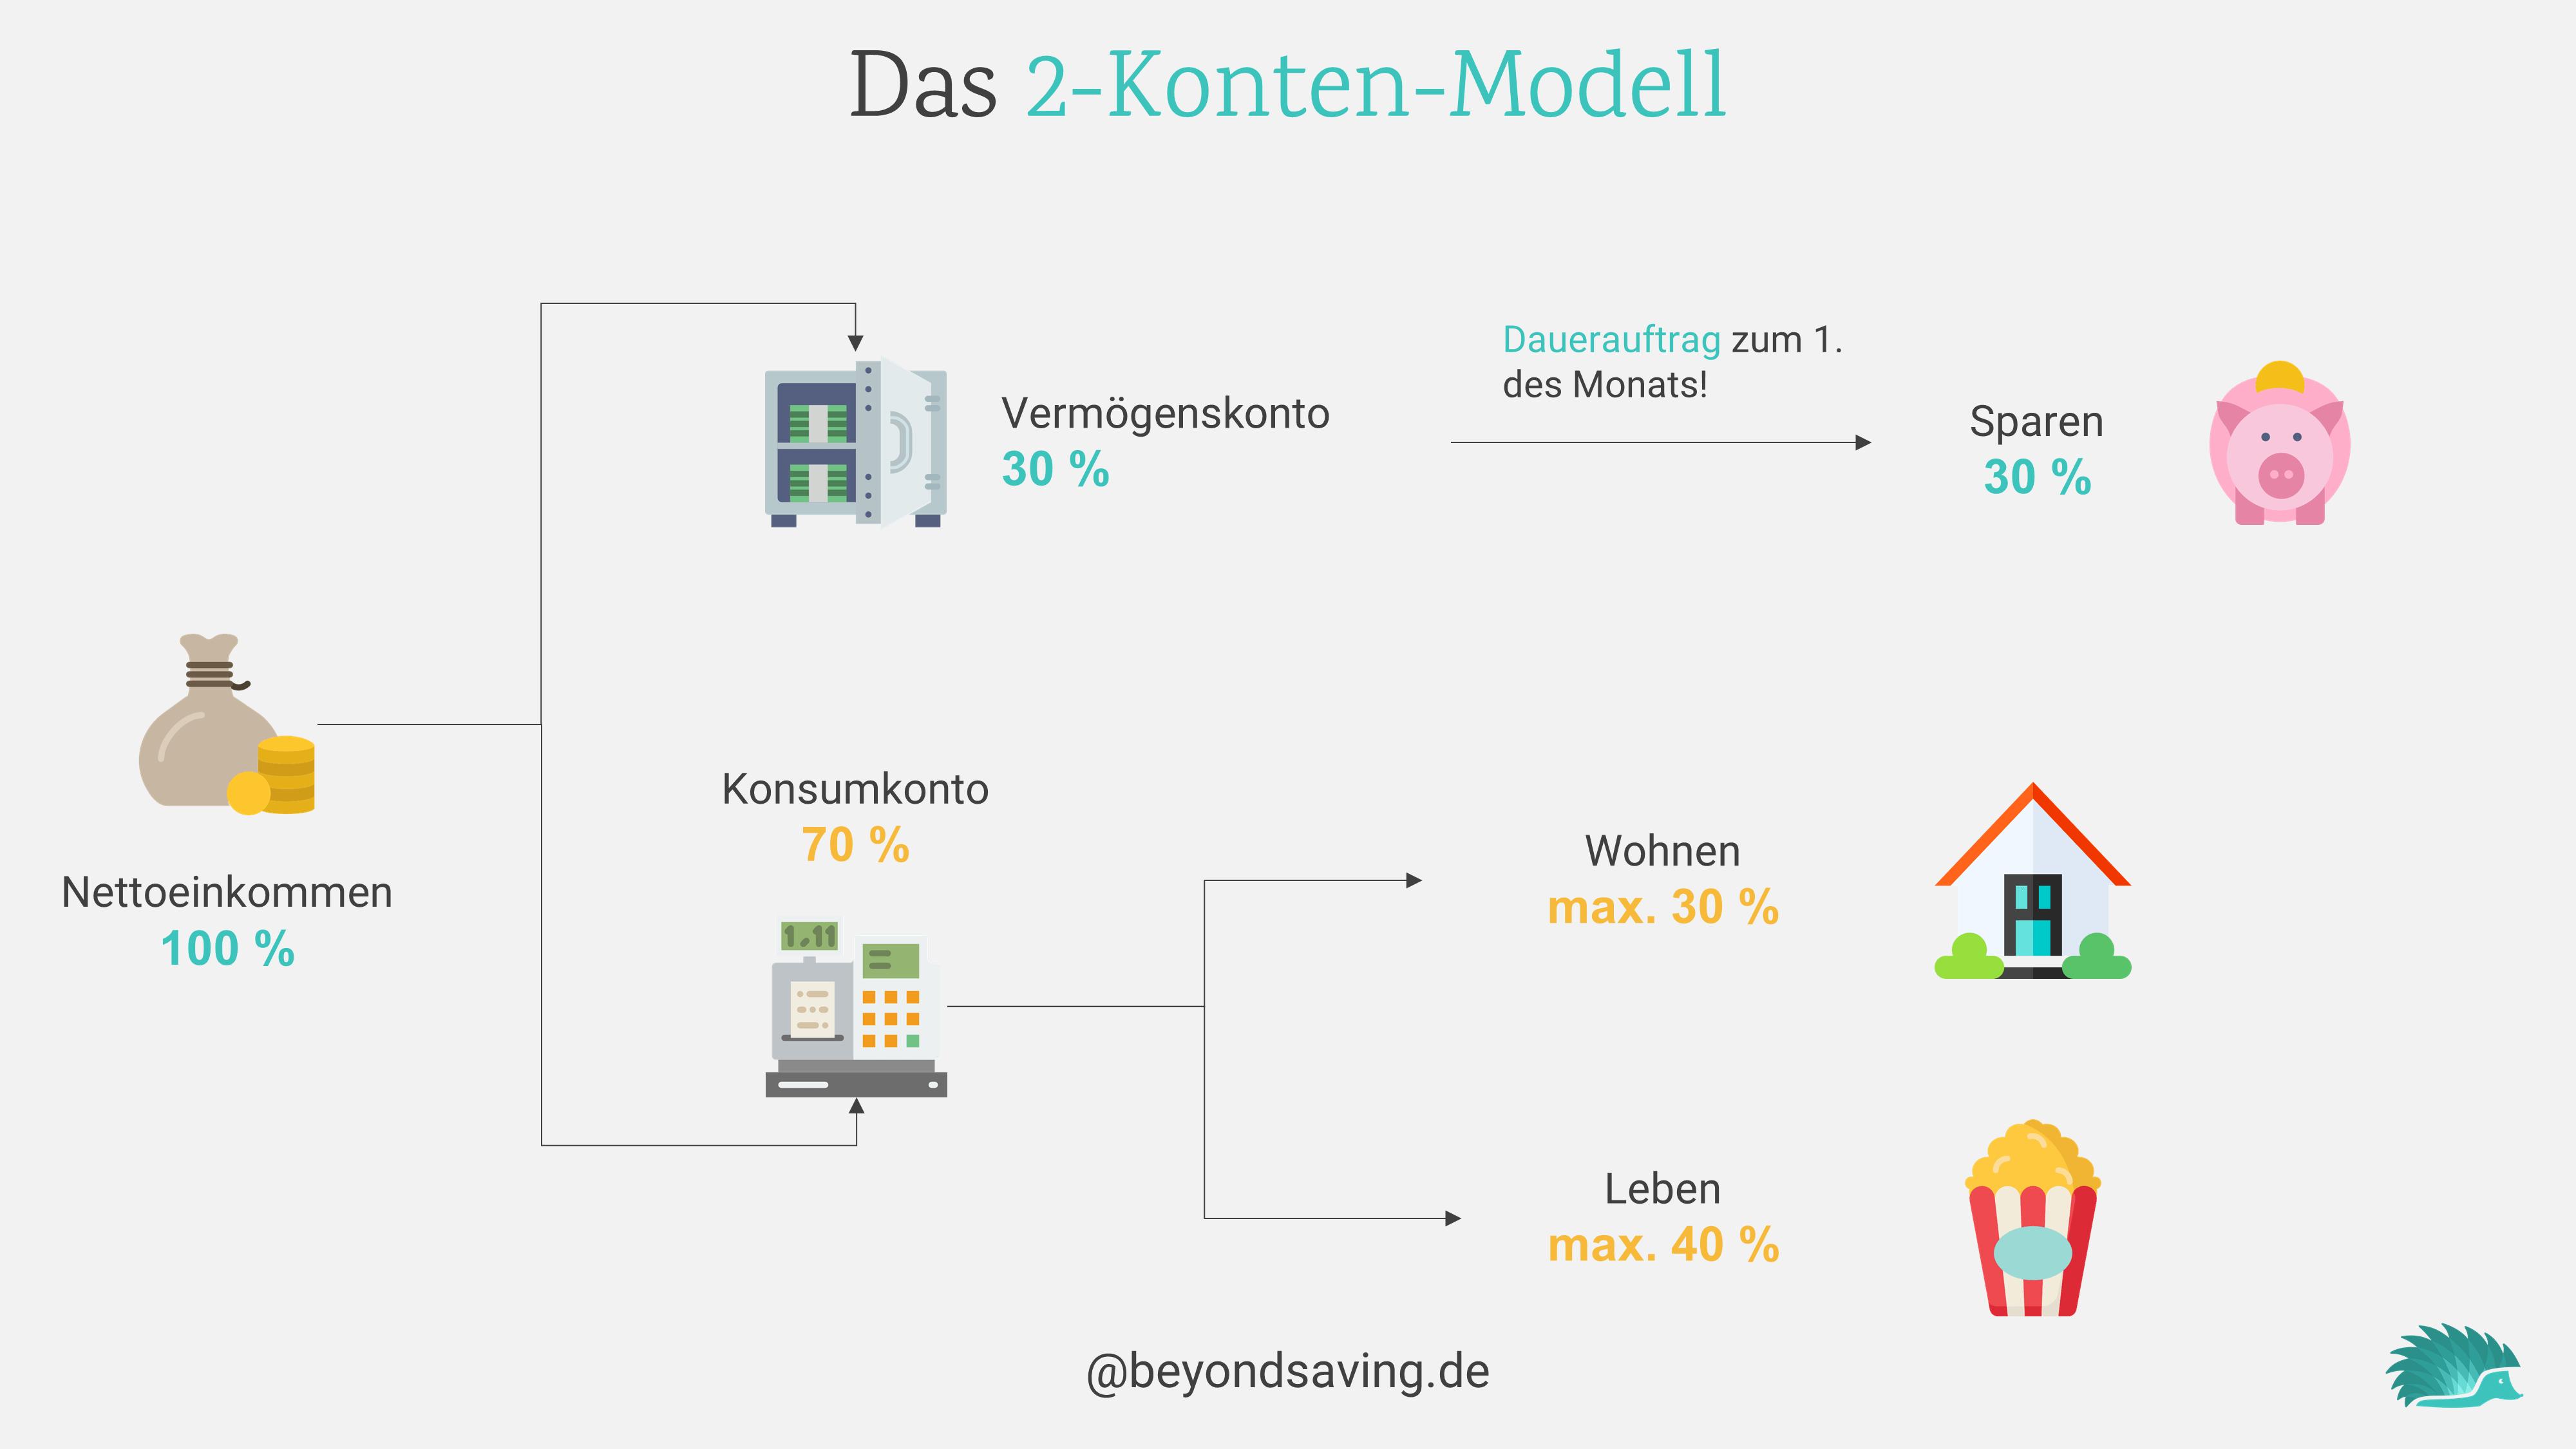 2-konten-modell-übersicht